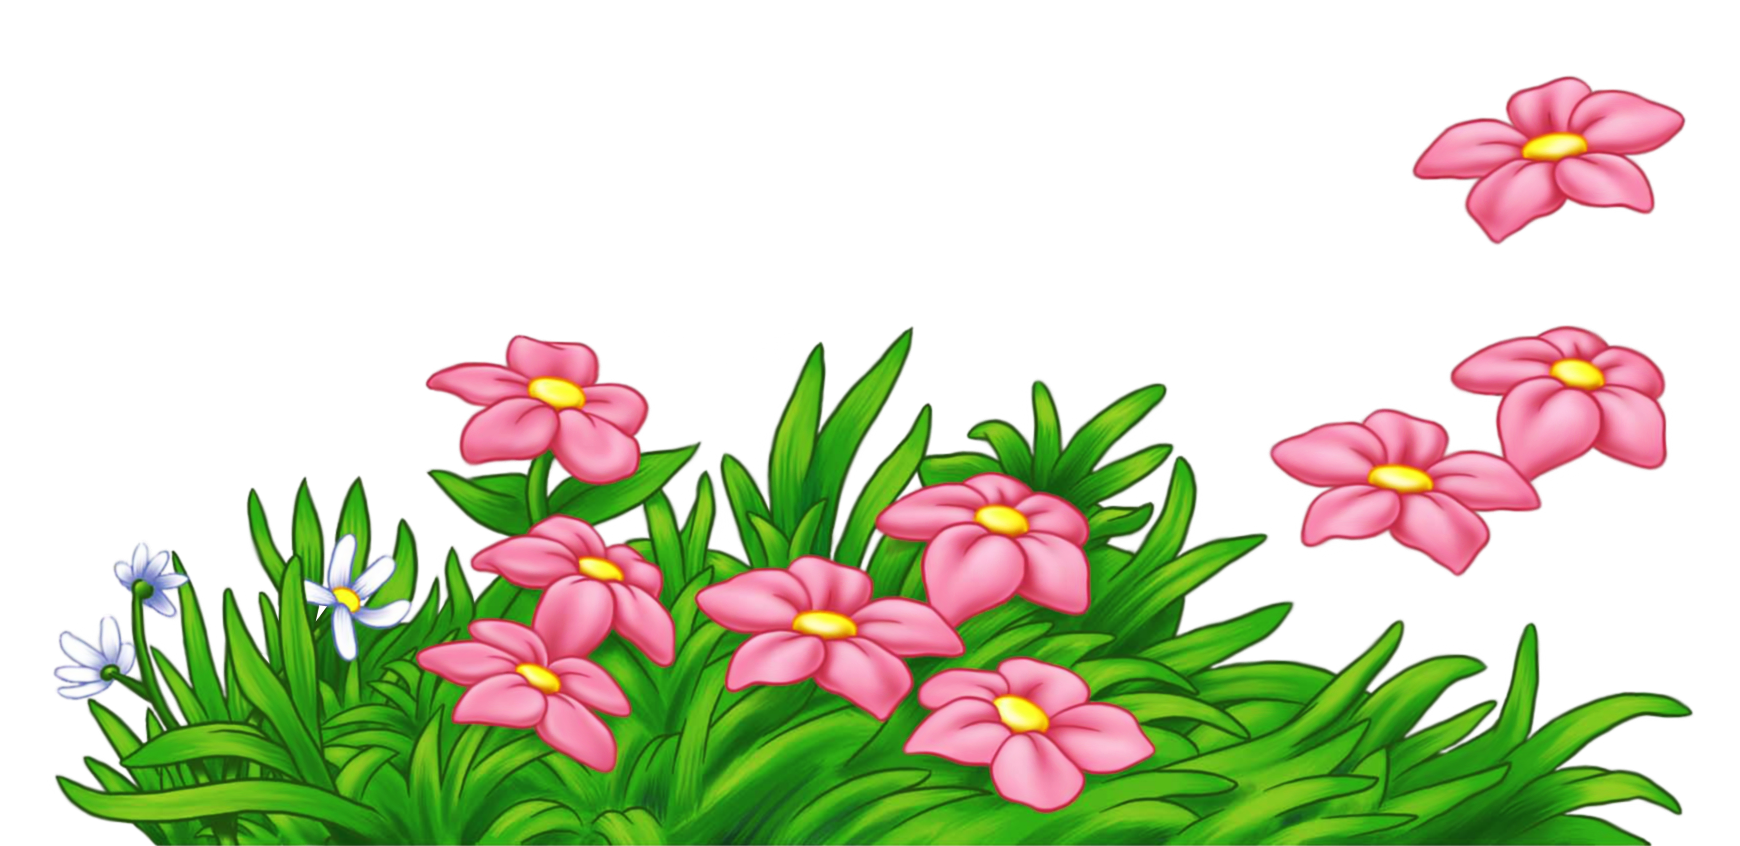 Flower grass clipart.